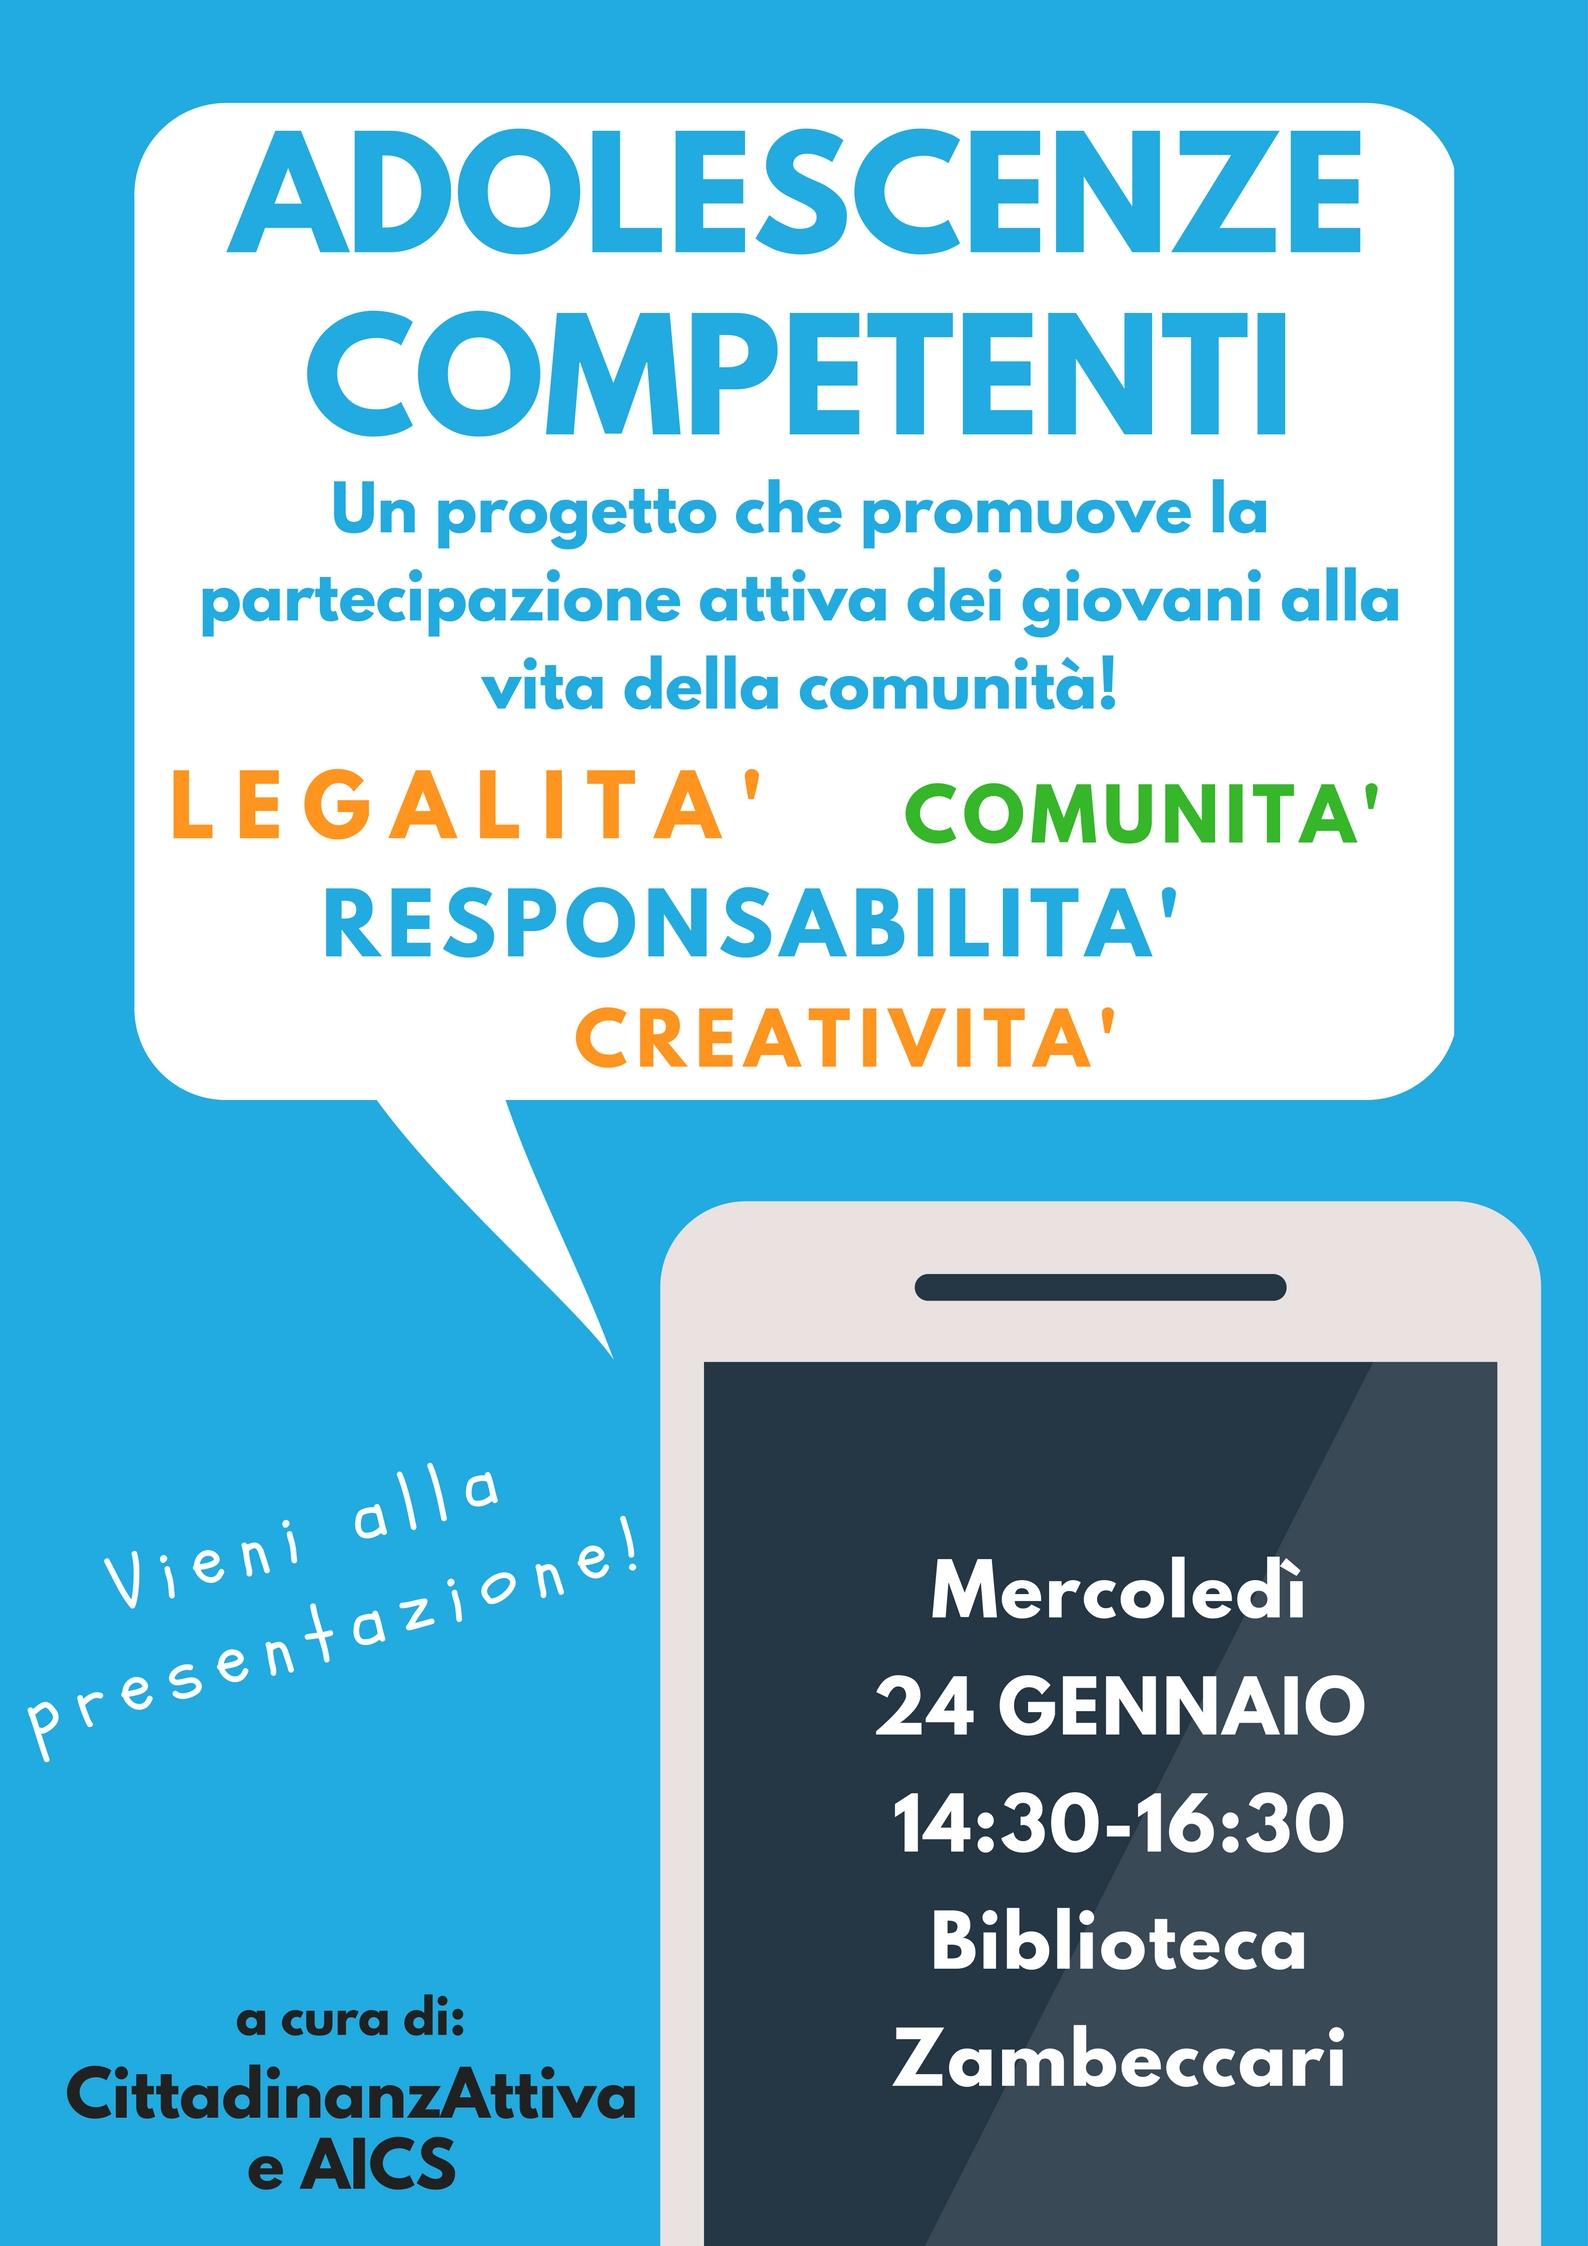 Invito alla presentazione progetto Adolescenze competenti